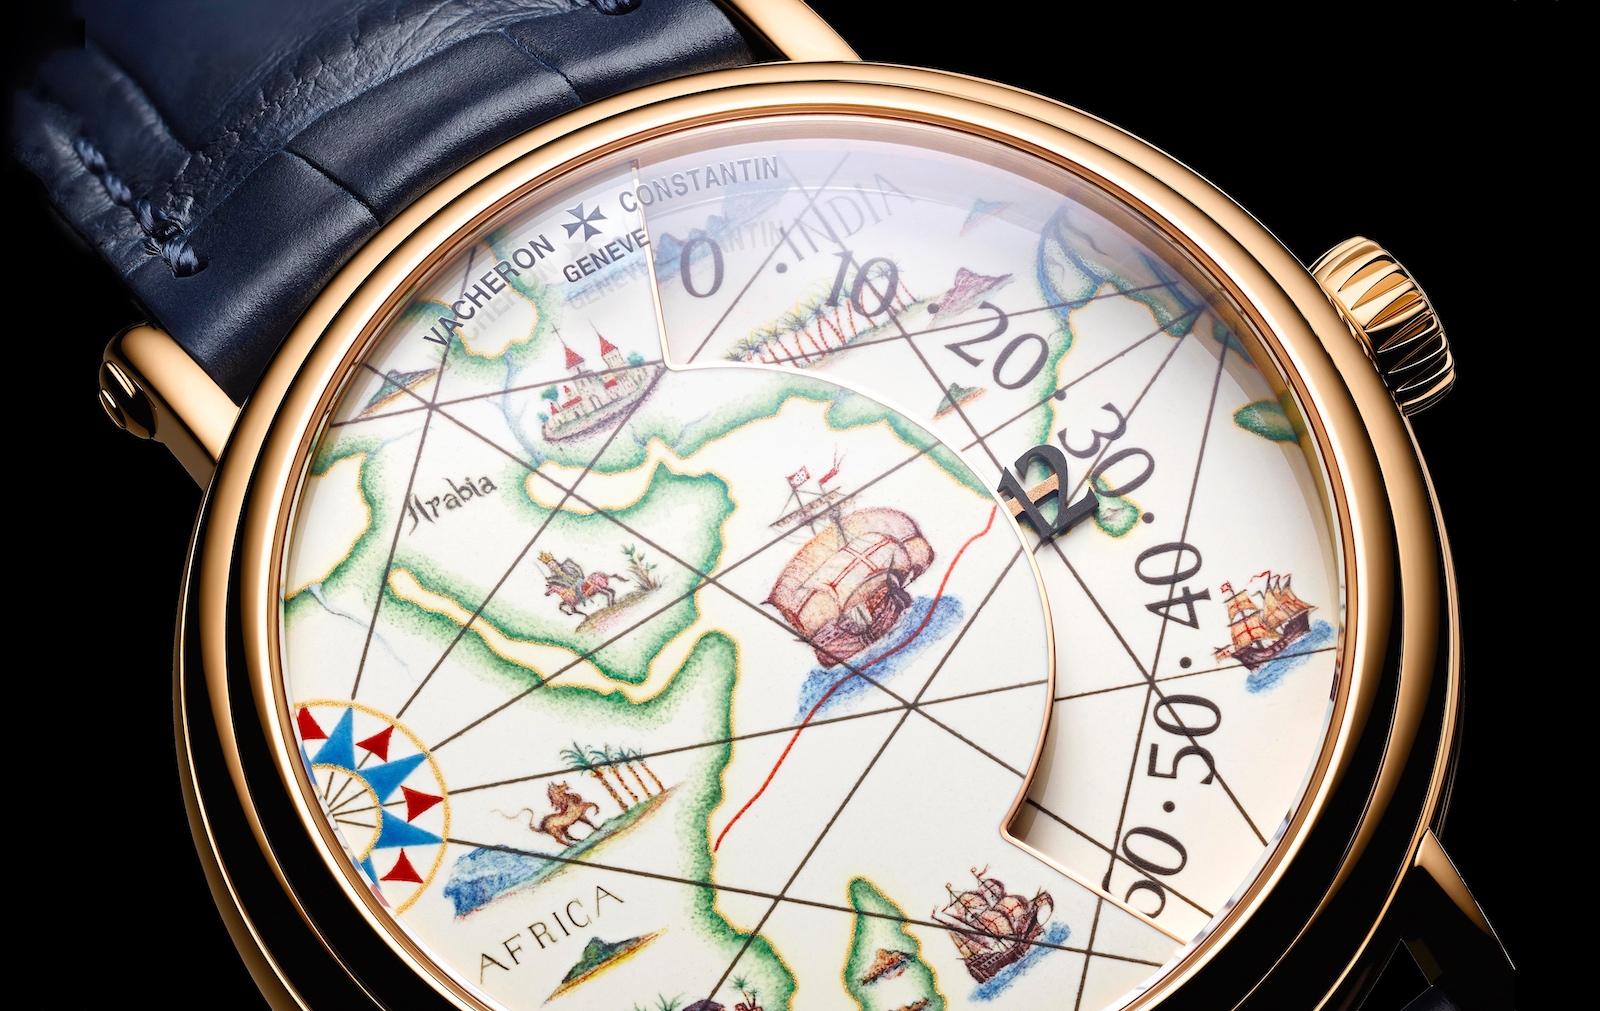 Vacheron Constantin en Watches and Wonders 2021 - Explorateurs esfera